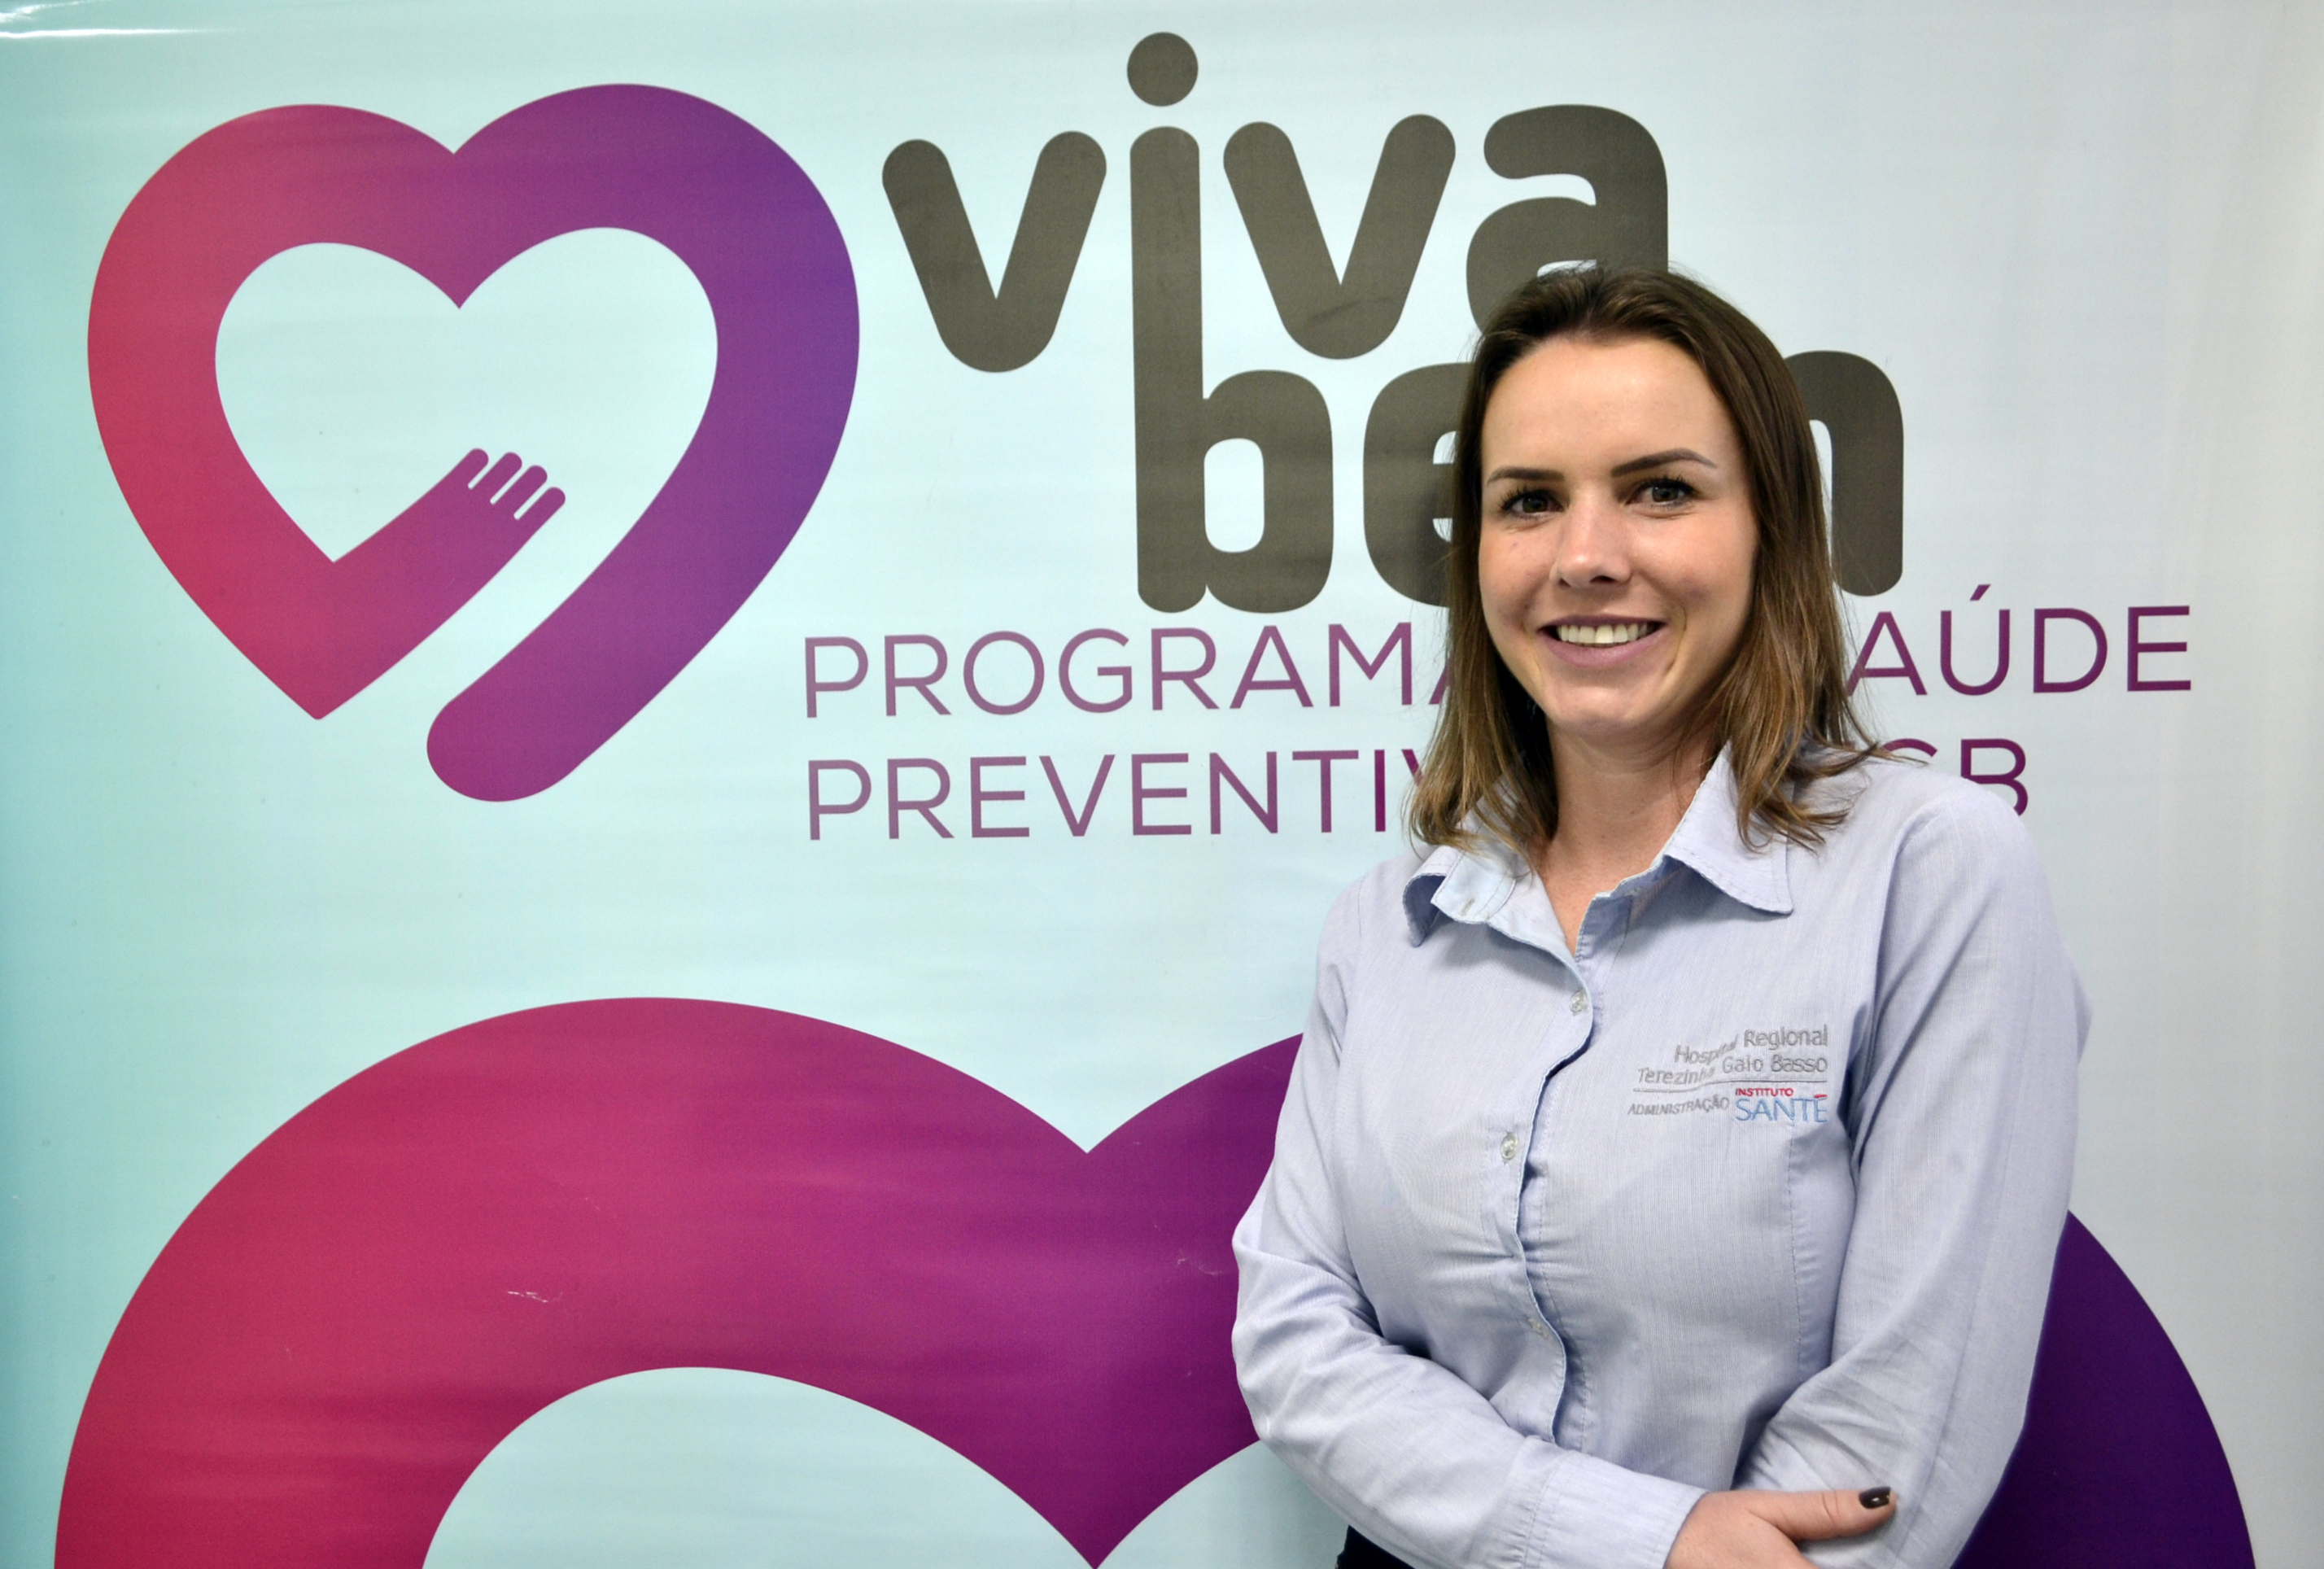 VIVA BEM: Higienização das mãos salva vidas